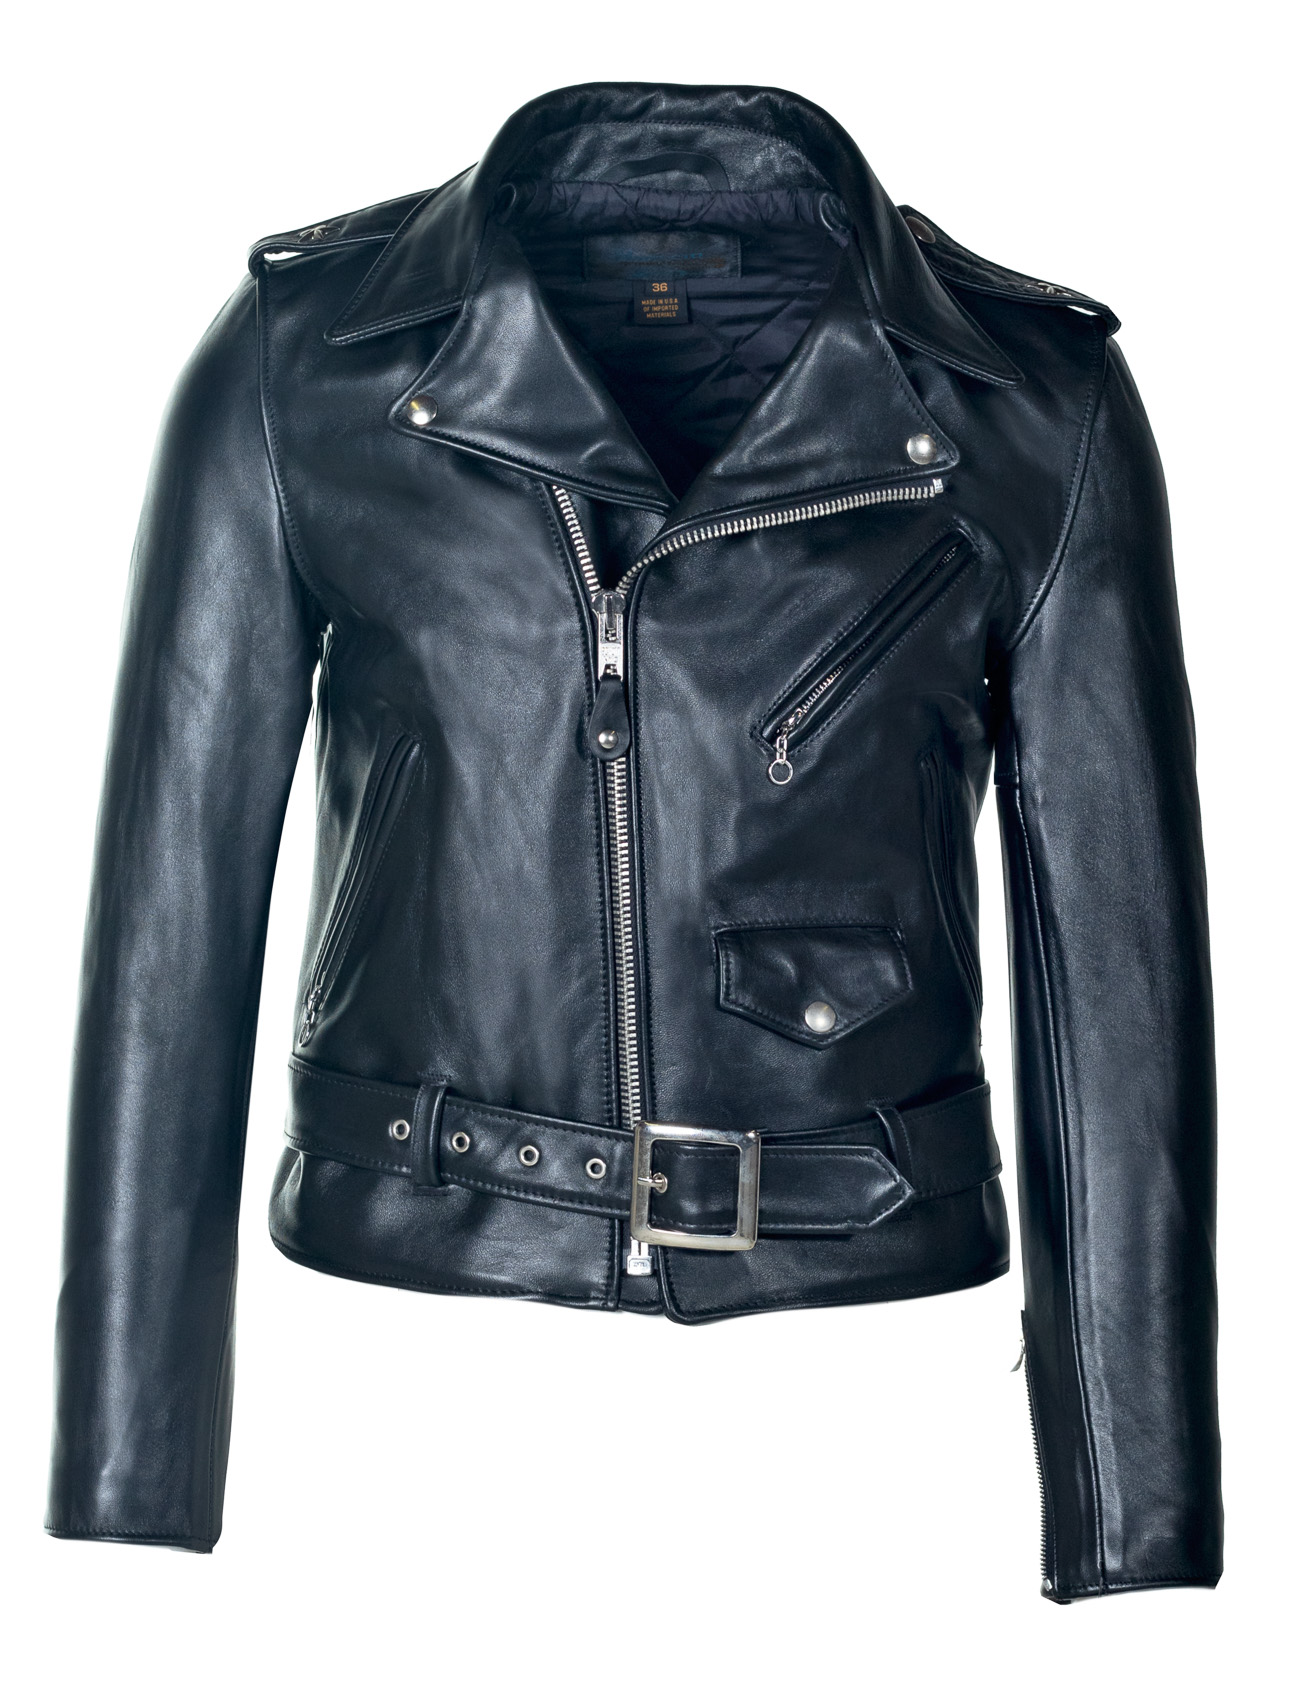 Schott N.Y.C. 613H Men's Horsehide Motorcycle Jacket